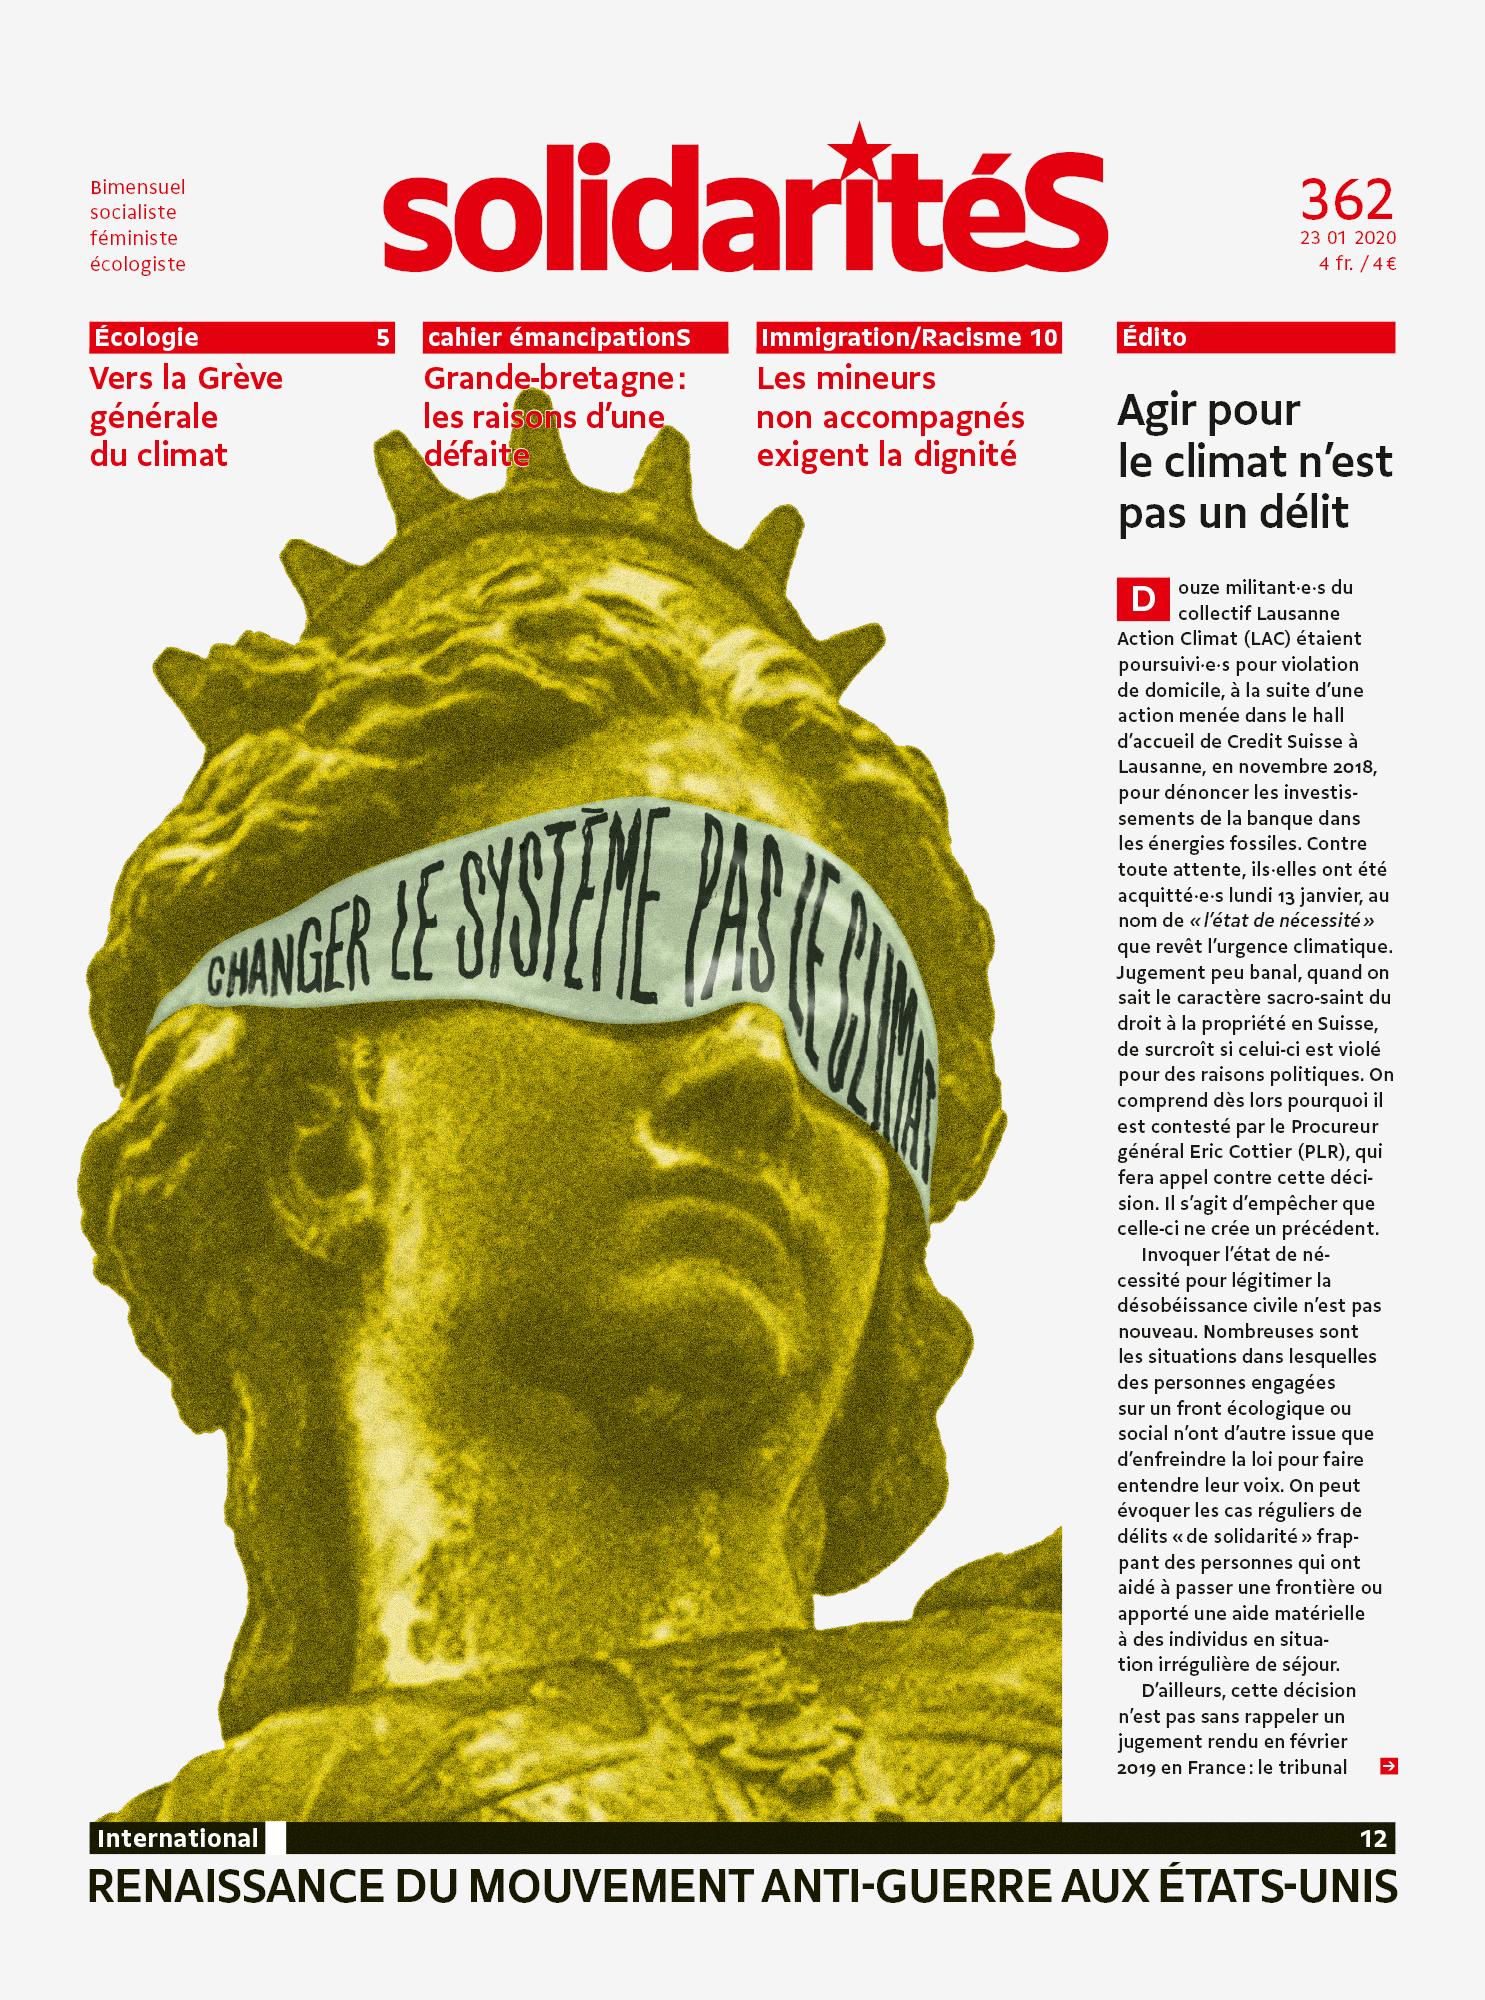 Illustration de la justice climatique sur la couverture du bimensuel solidaritéS